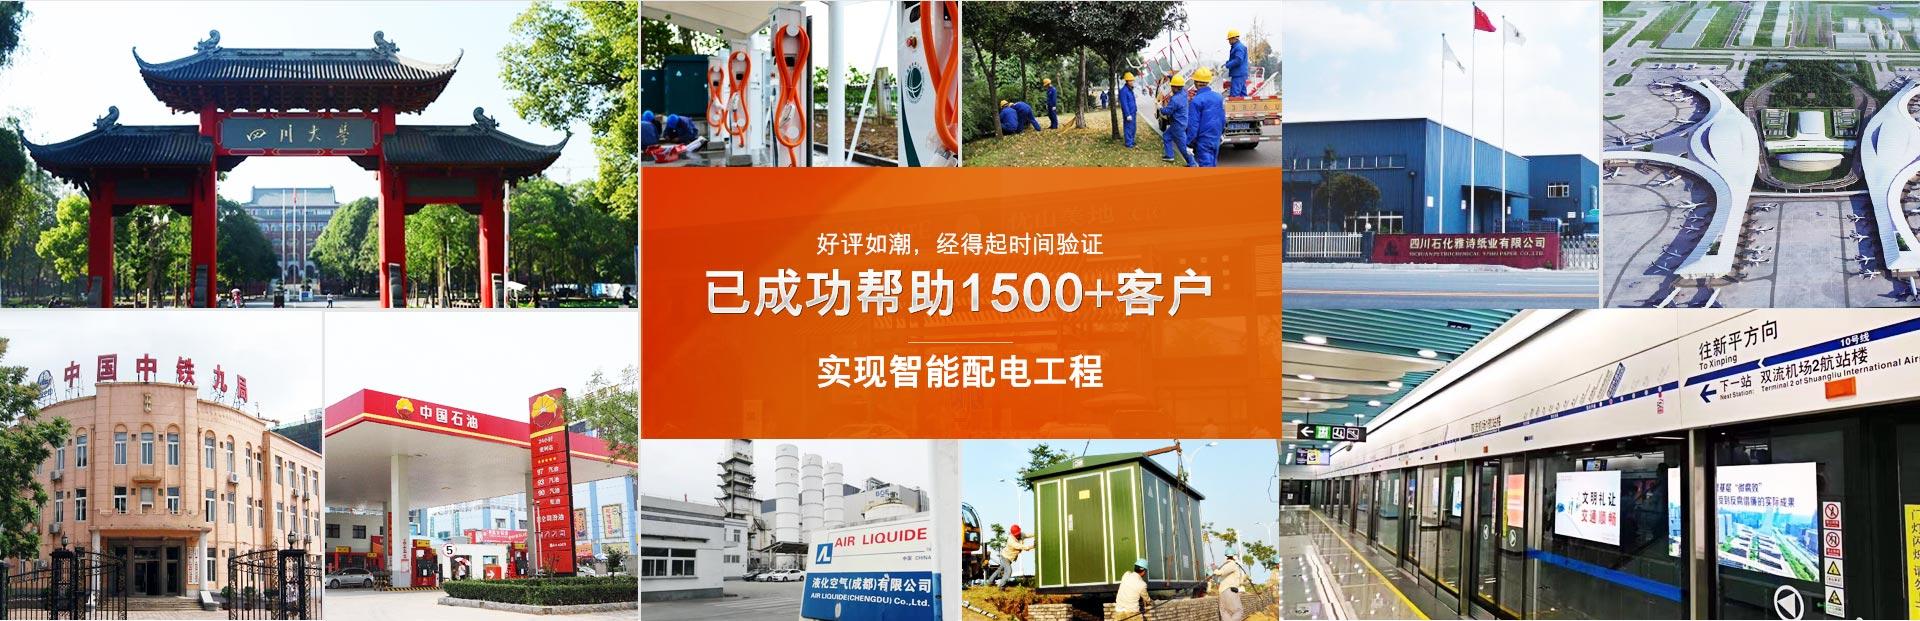 鑫川电已成功帮助1500+客户实现智能配电工程